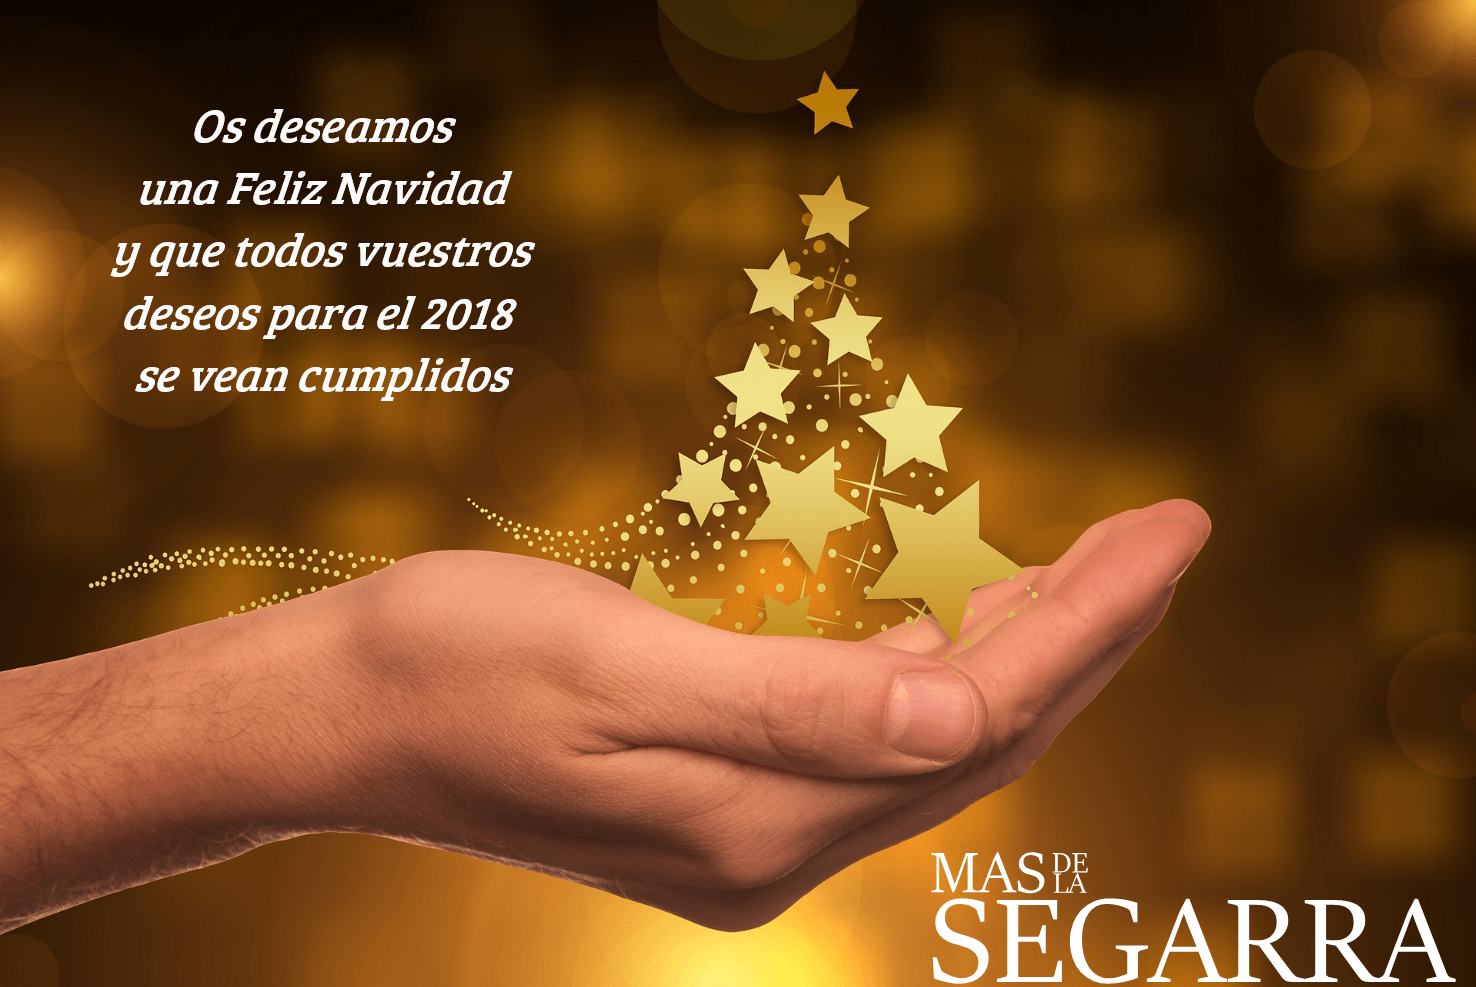 Deseos Para Feliz Navidad.Feliz Navidad Mas De La Segarra